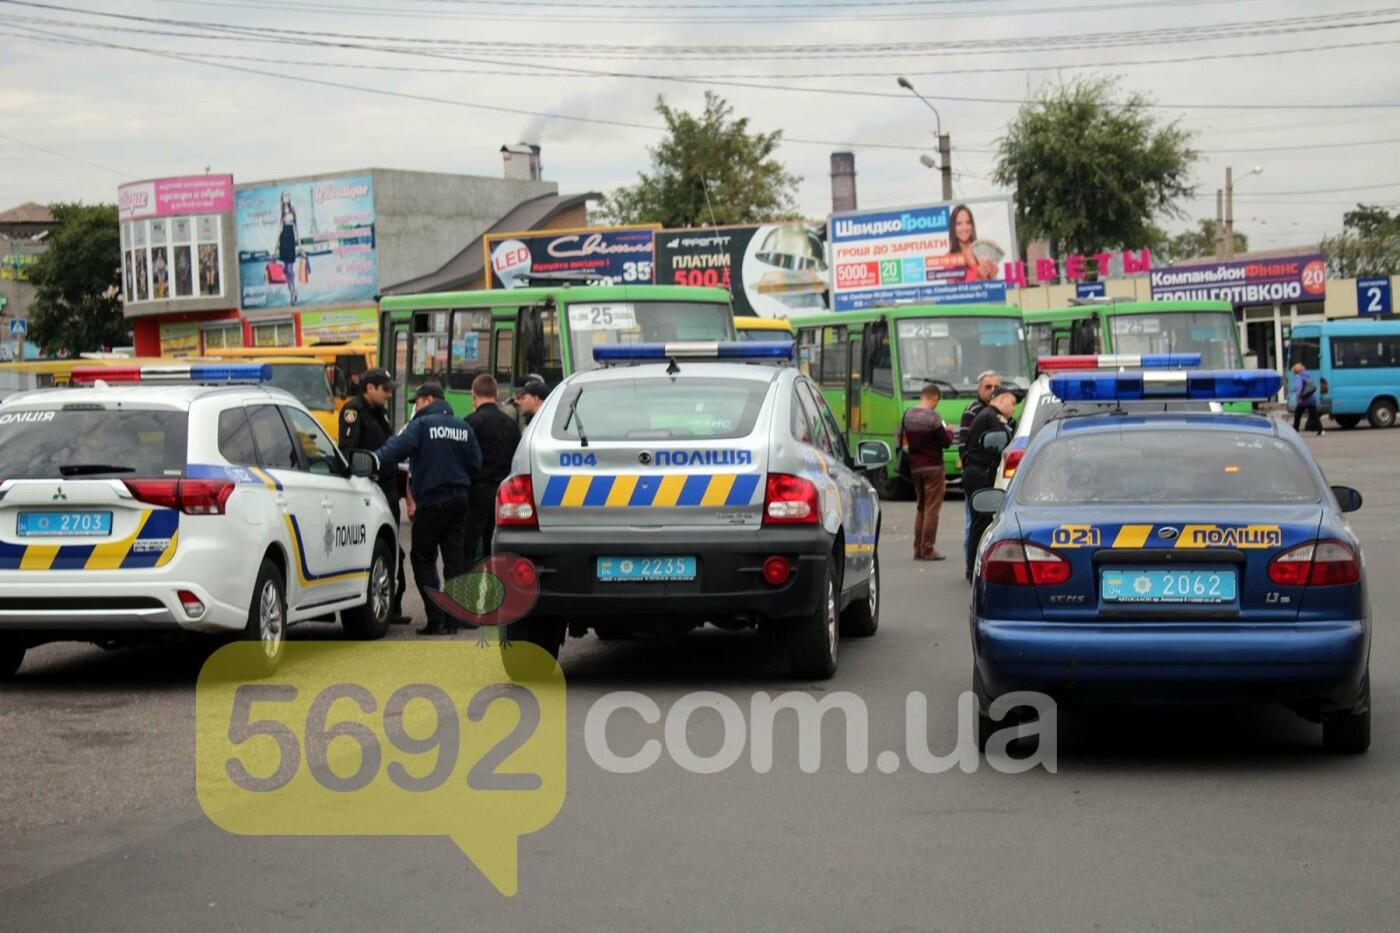 На площади ДМК мотоциклисты напали на водителей автобусов, фото-4